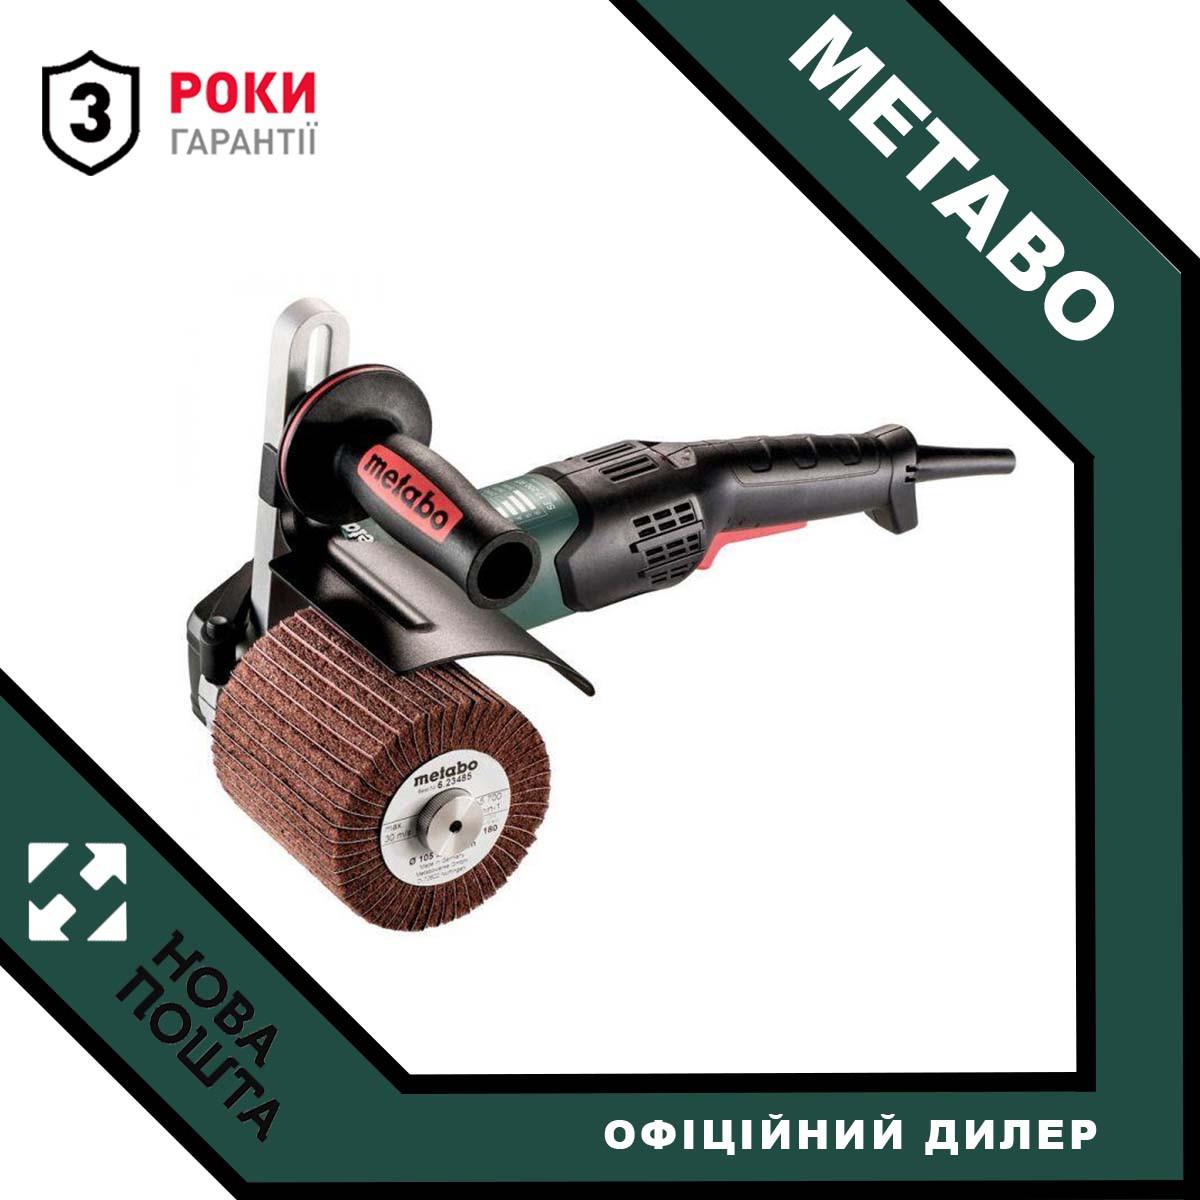 Шліфувальна машина Metabo SE 17-200 RT